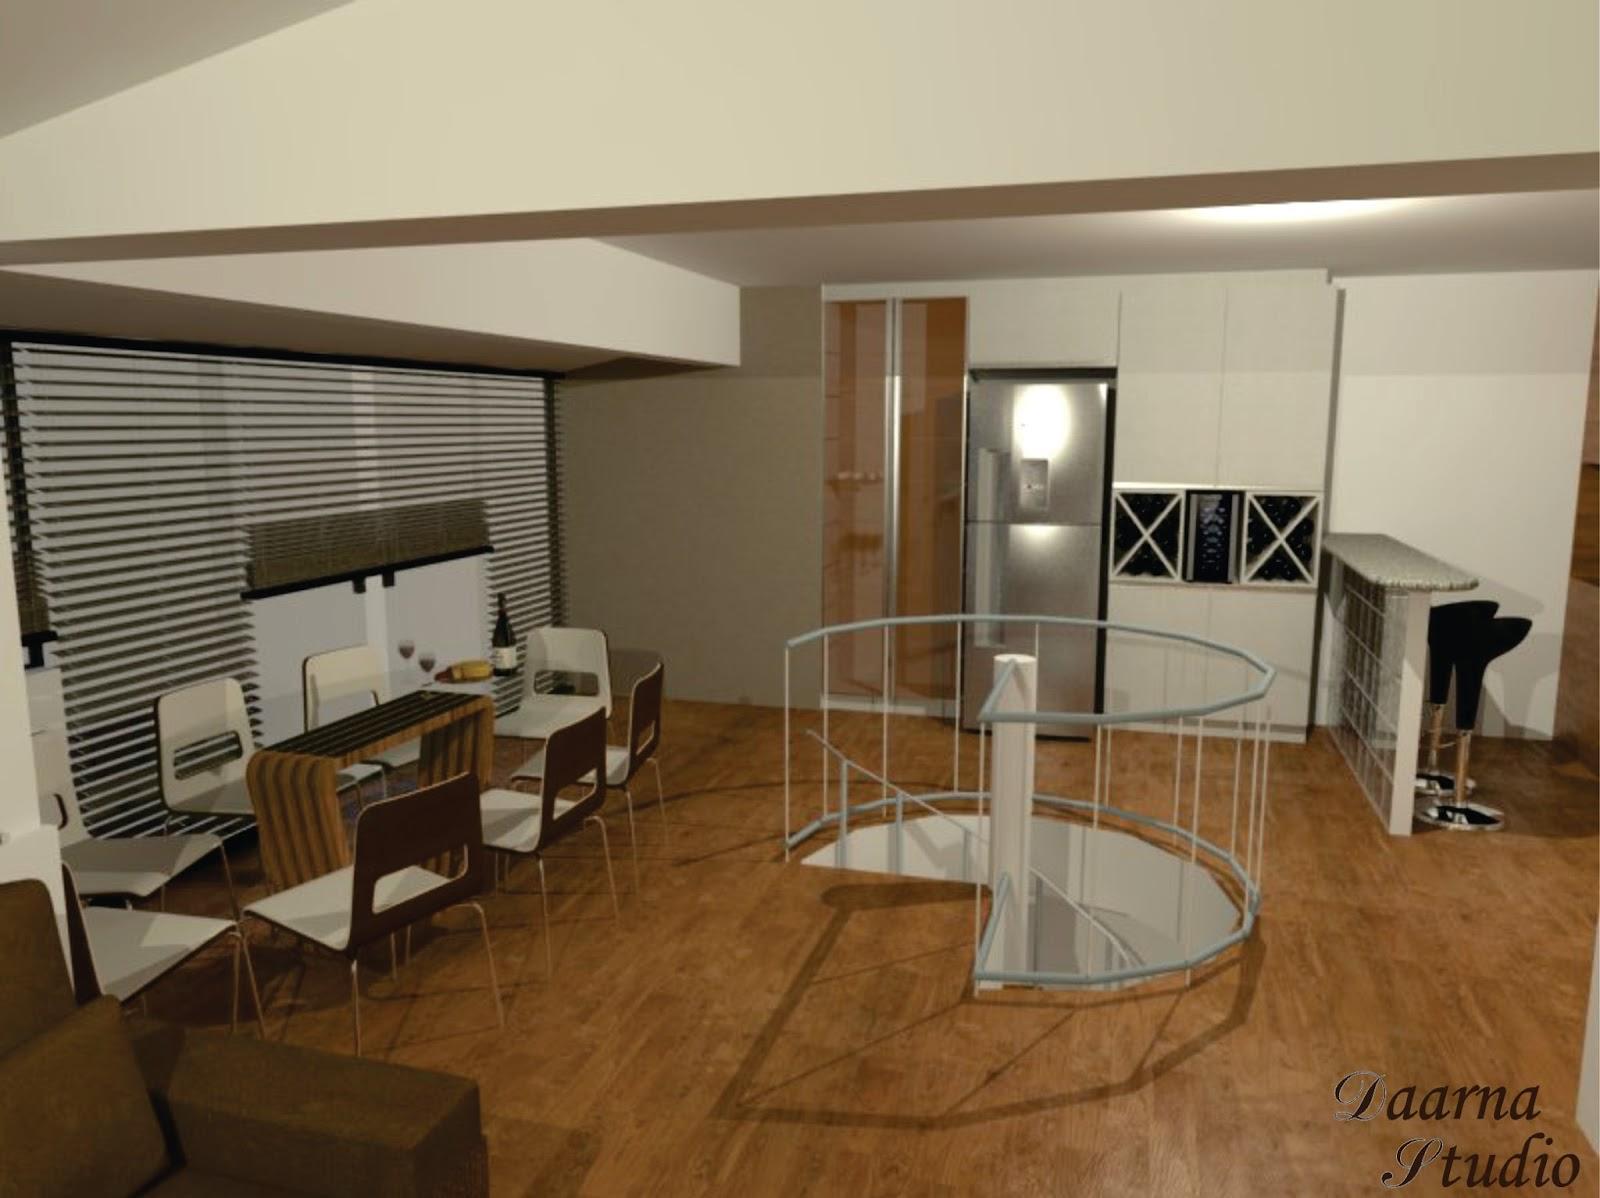 Daarna Arquitetura & Interiores: Projeto de Reforma Cozinha #6C4924 1600 1198